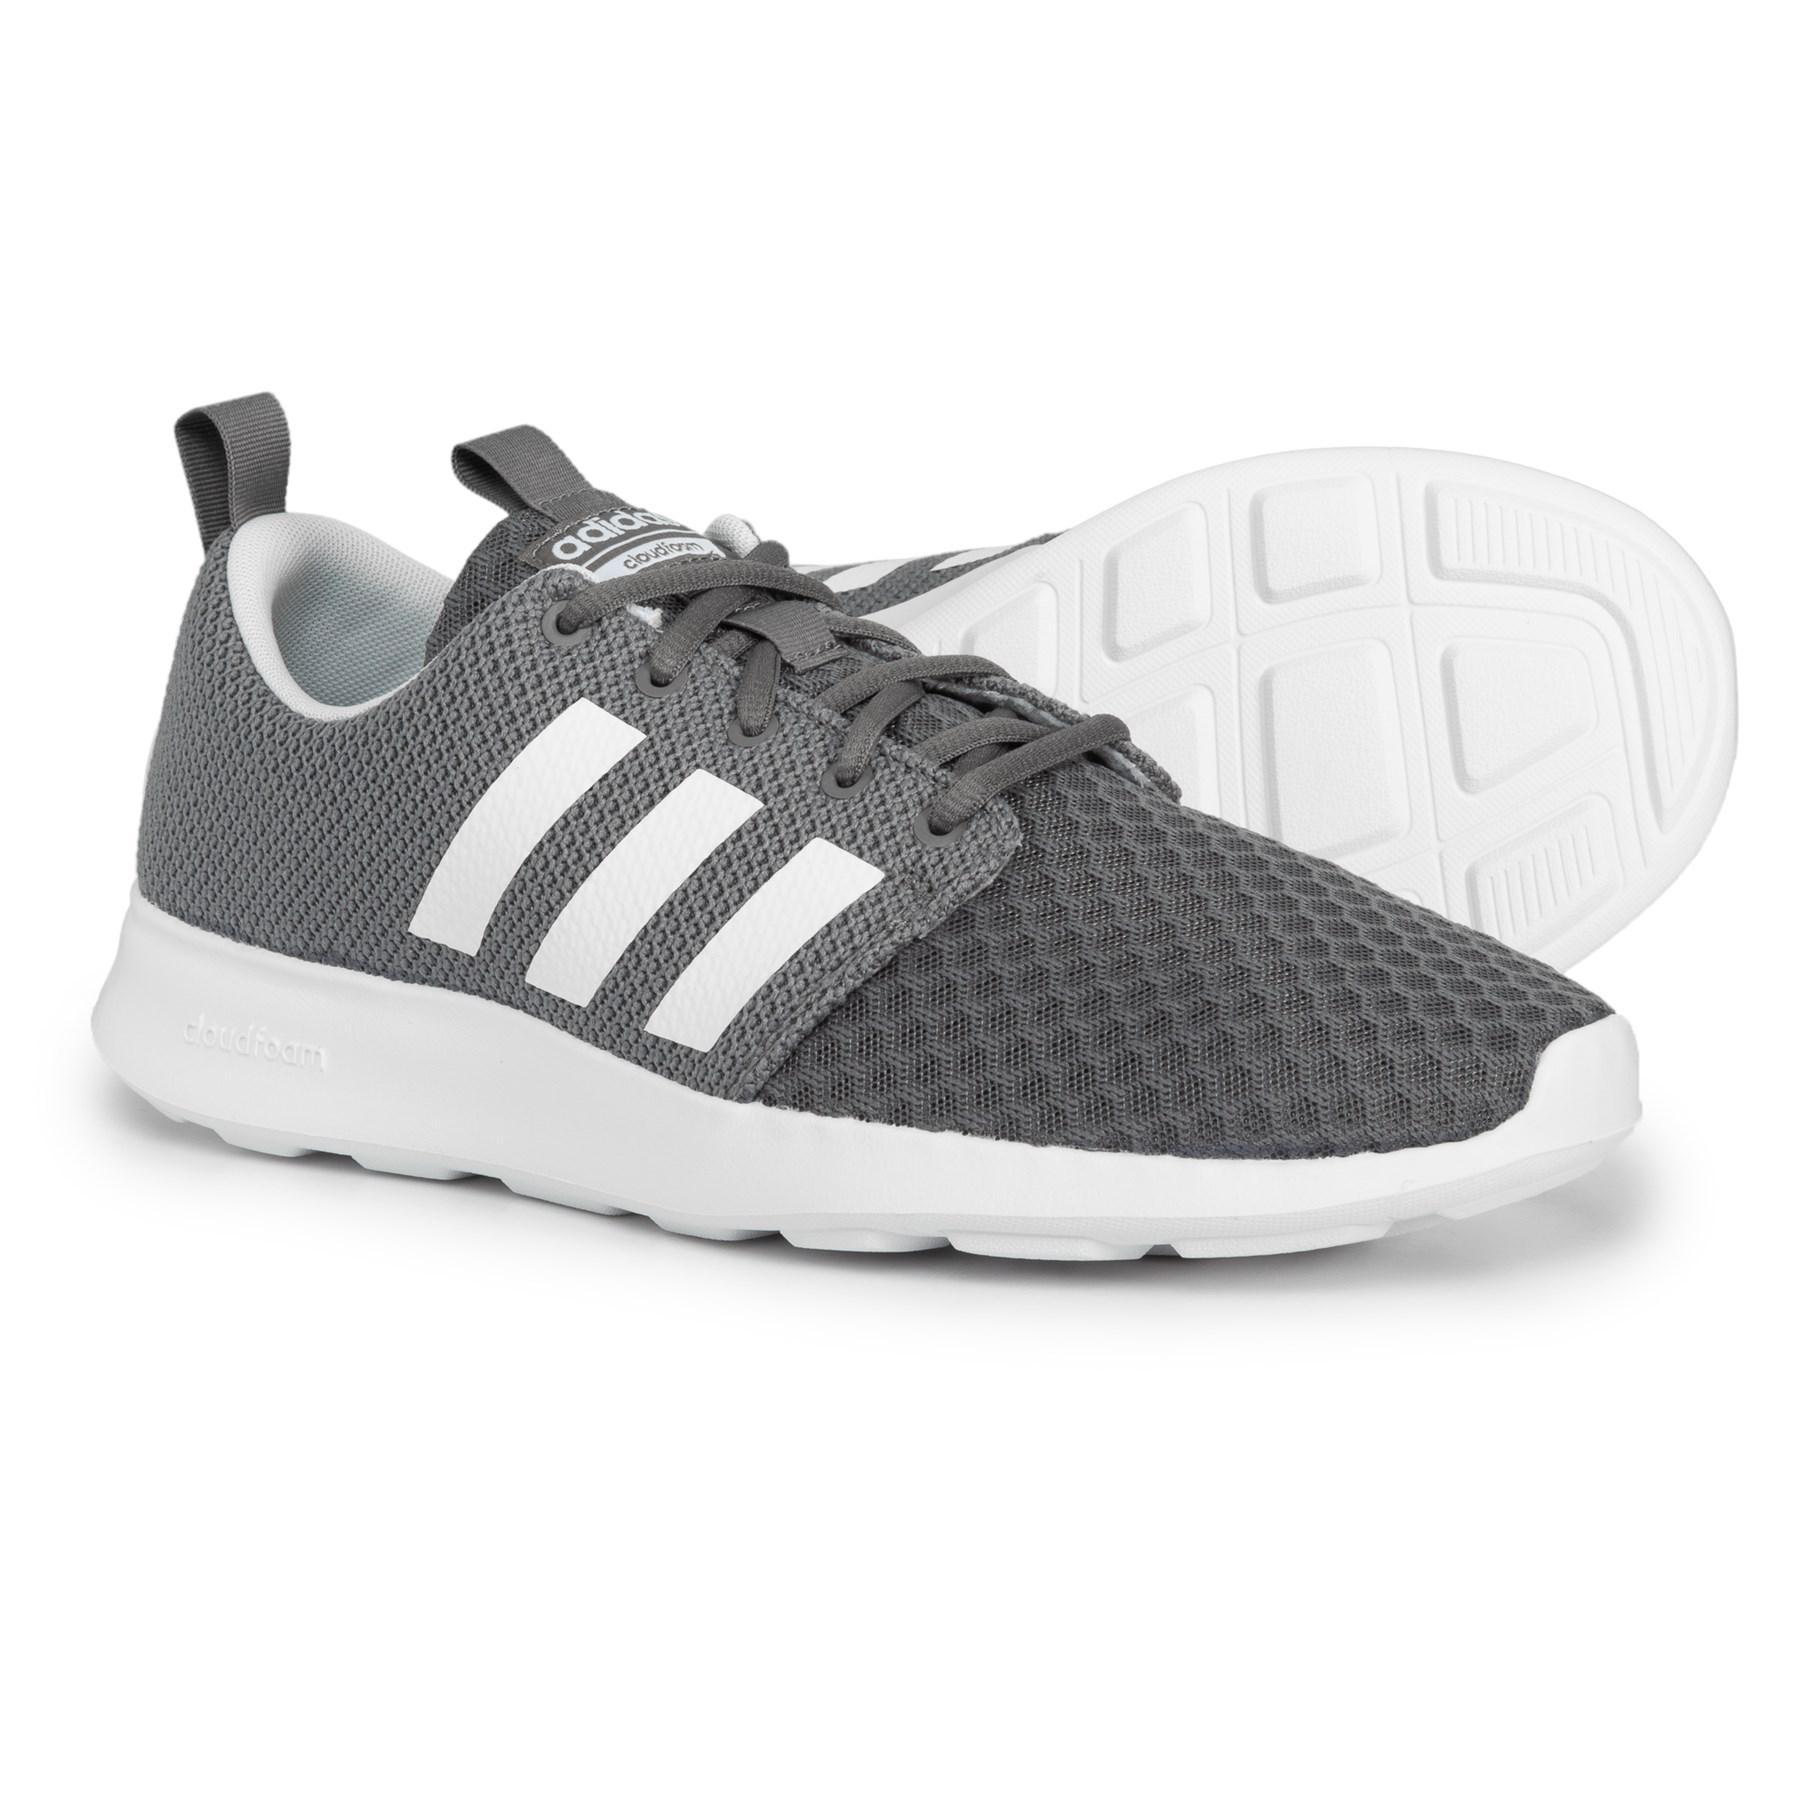 Cloudfoam® Swift Racer Sneakers (for Men)